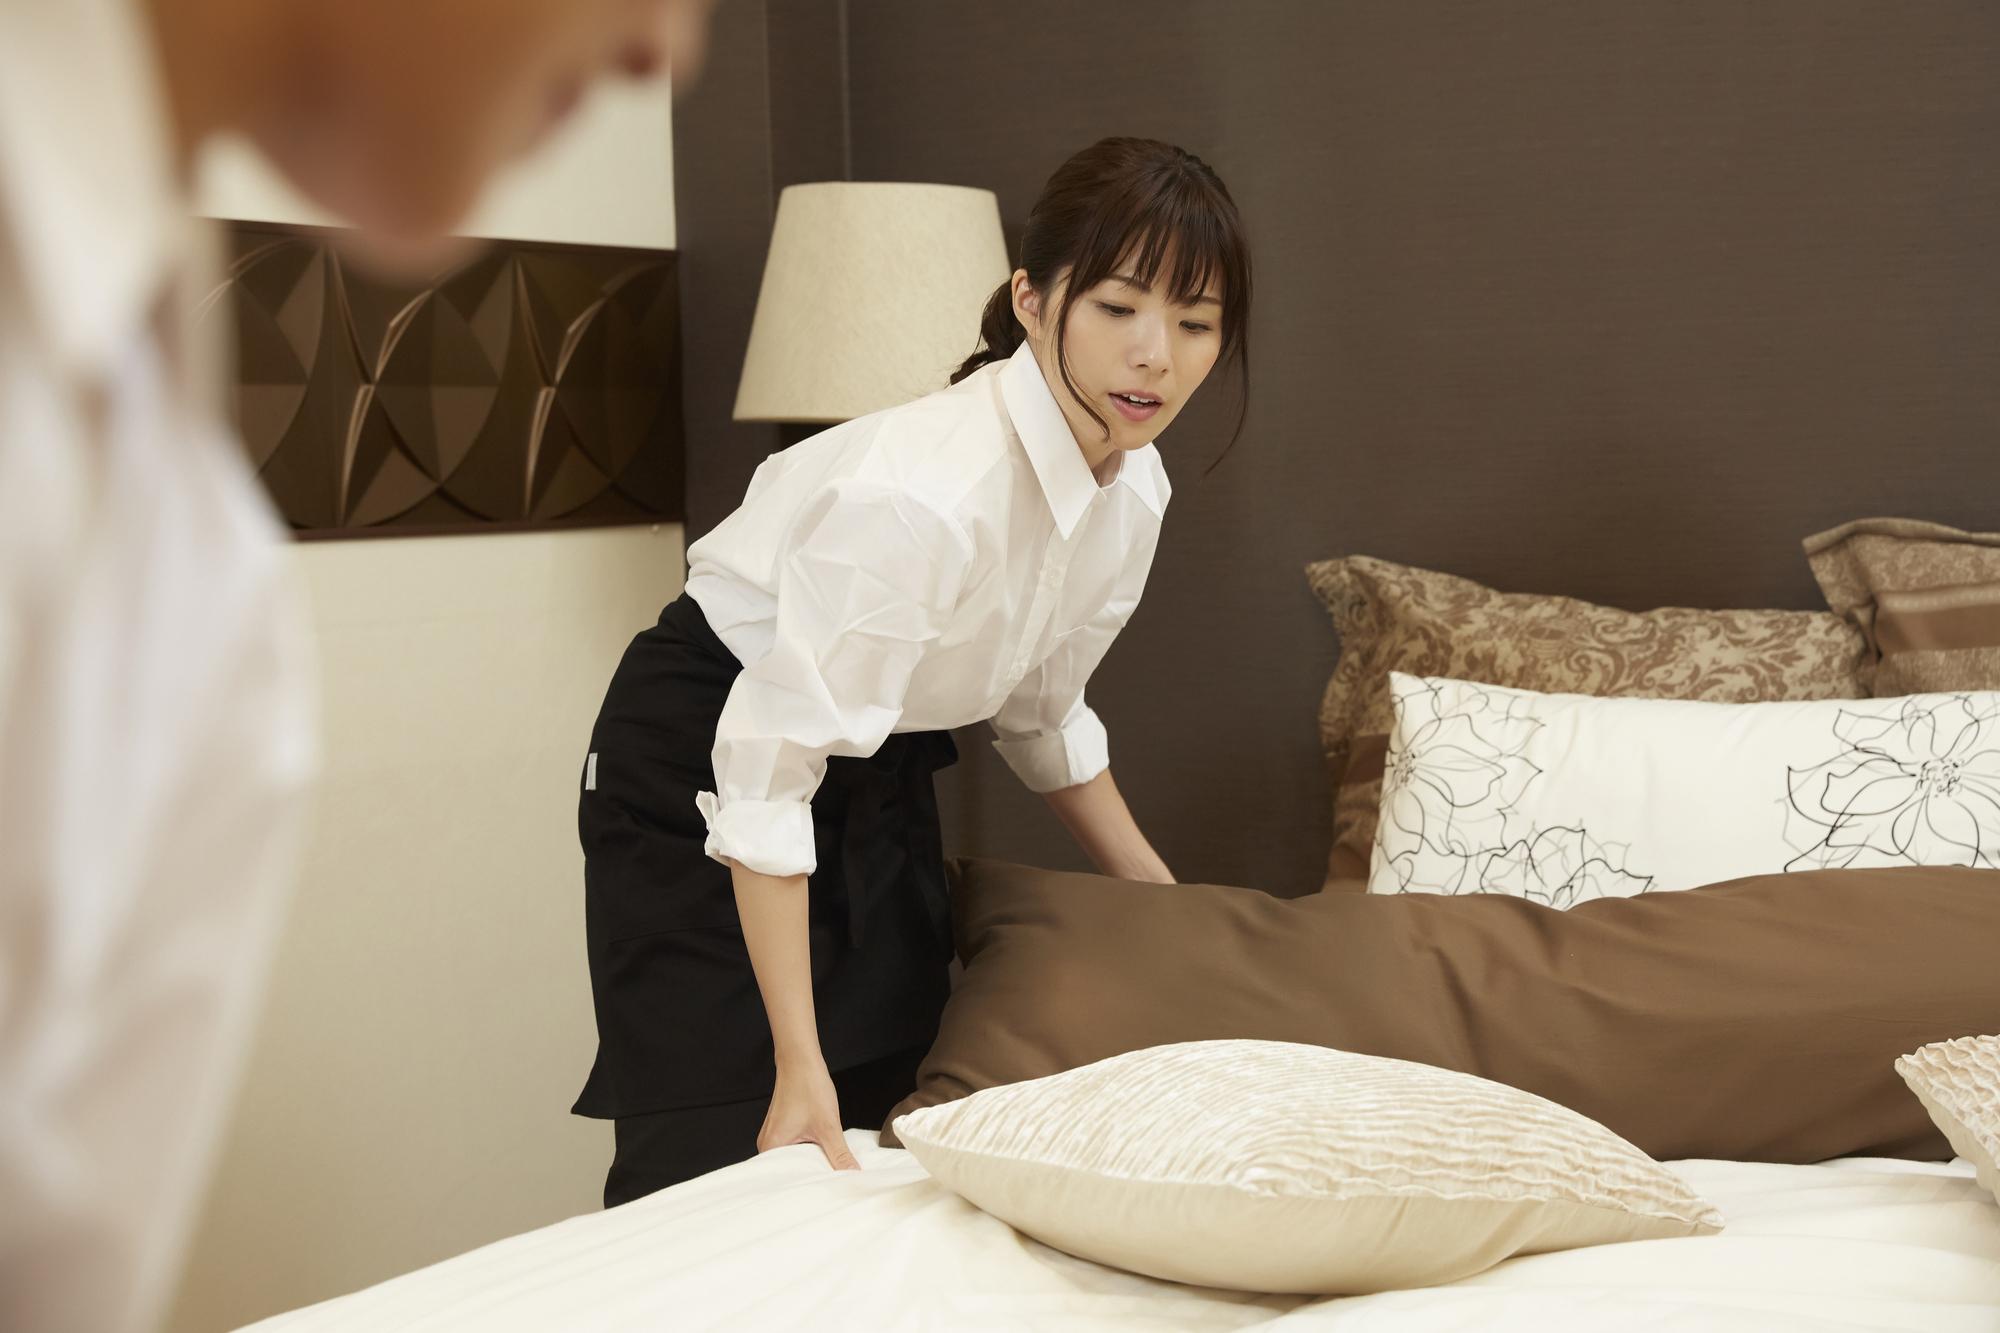 ホテル客室清掃員